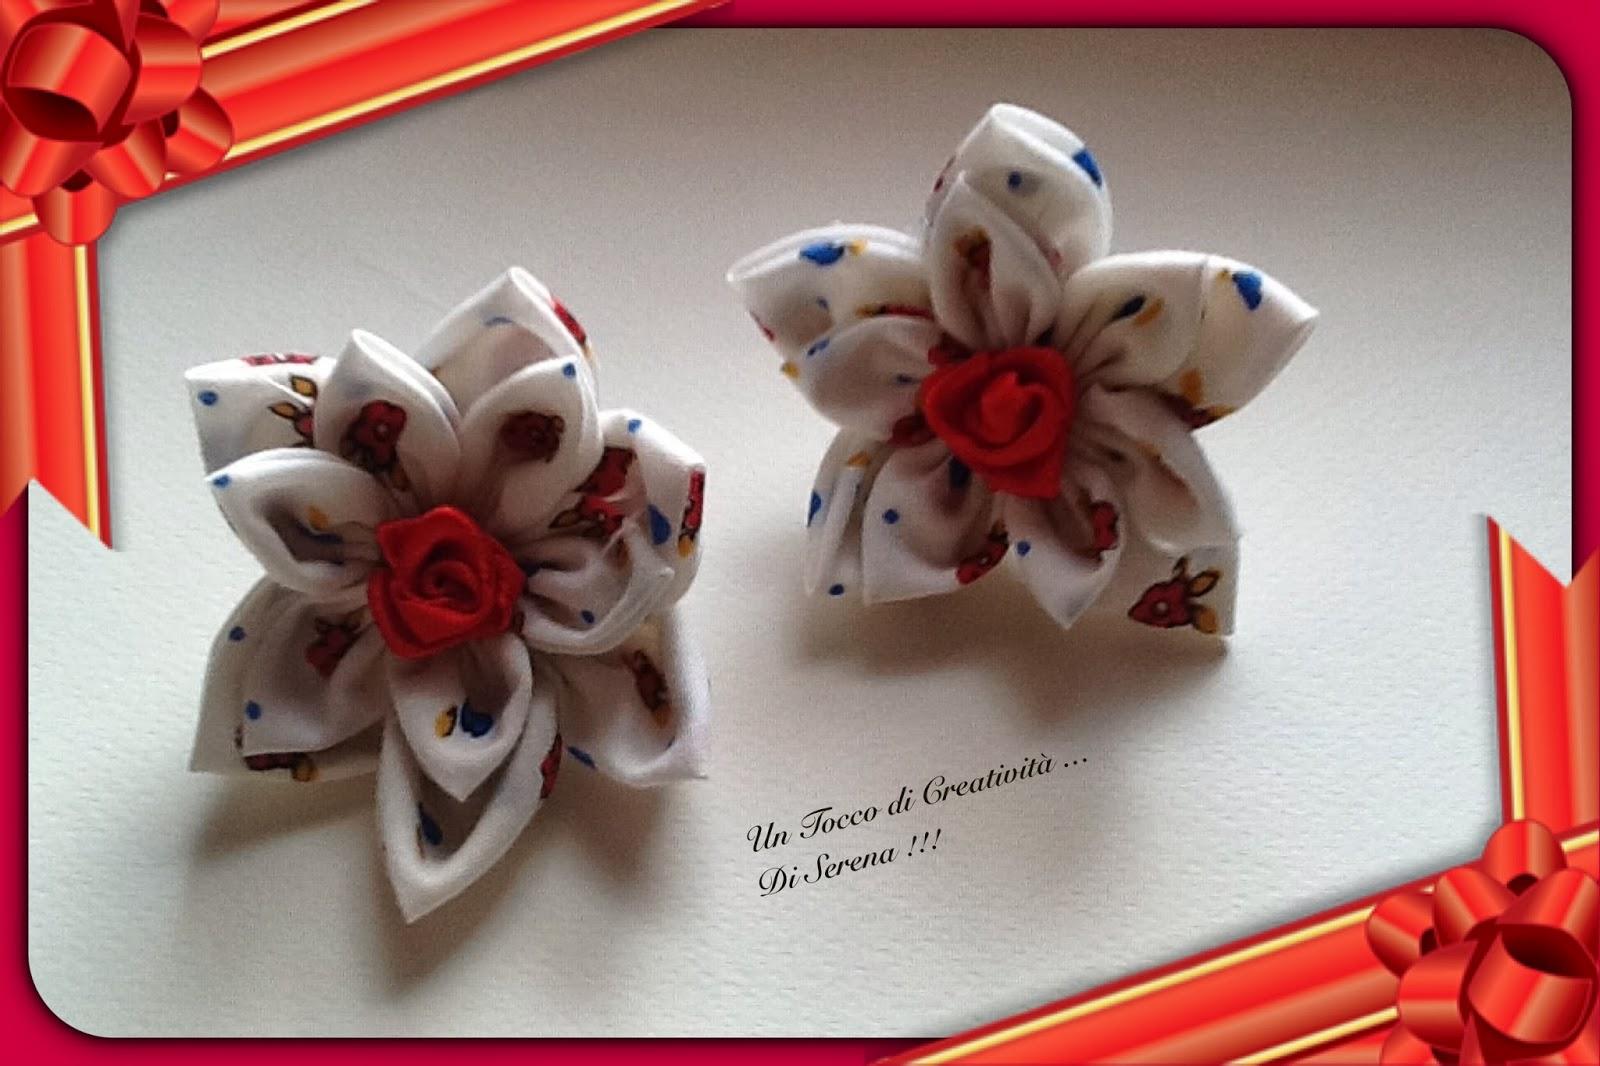 un tocco di creatività ..di serena !!!: fiori di ..stoffa .